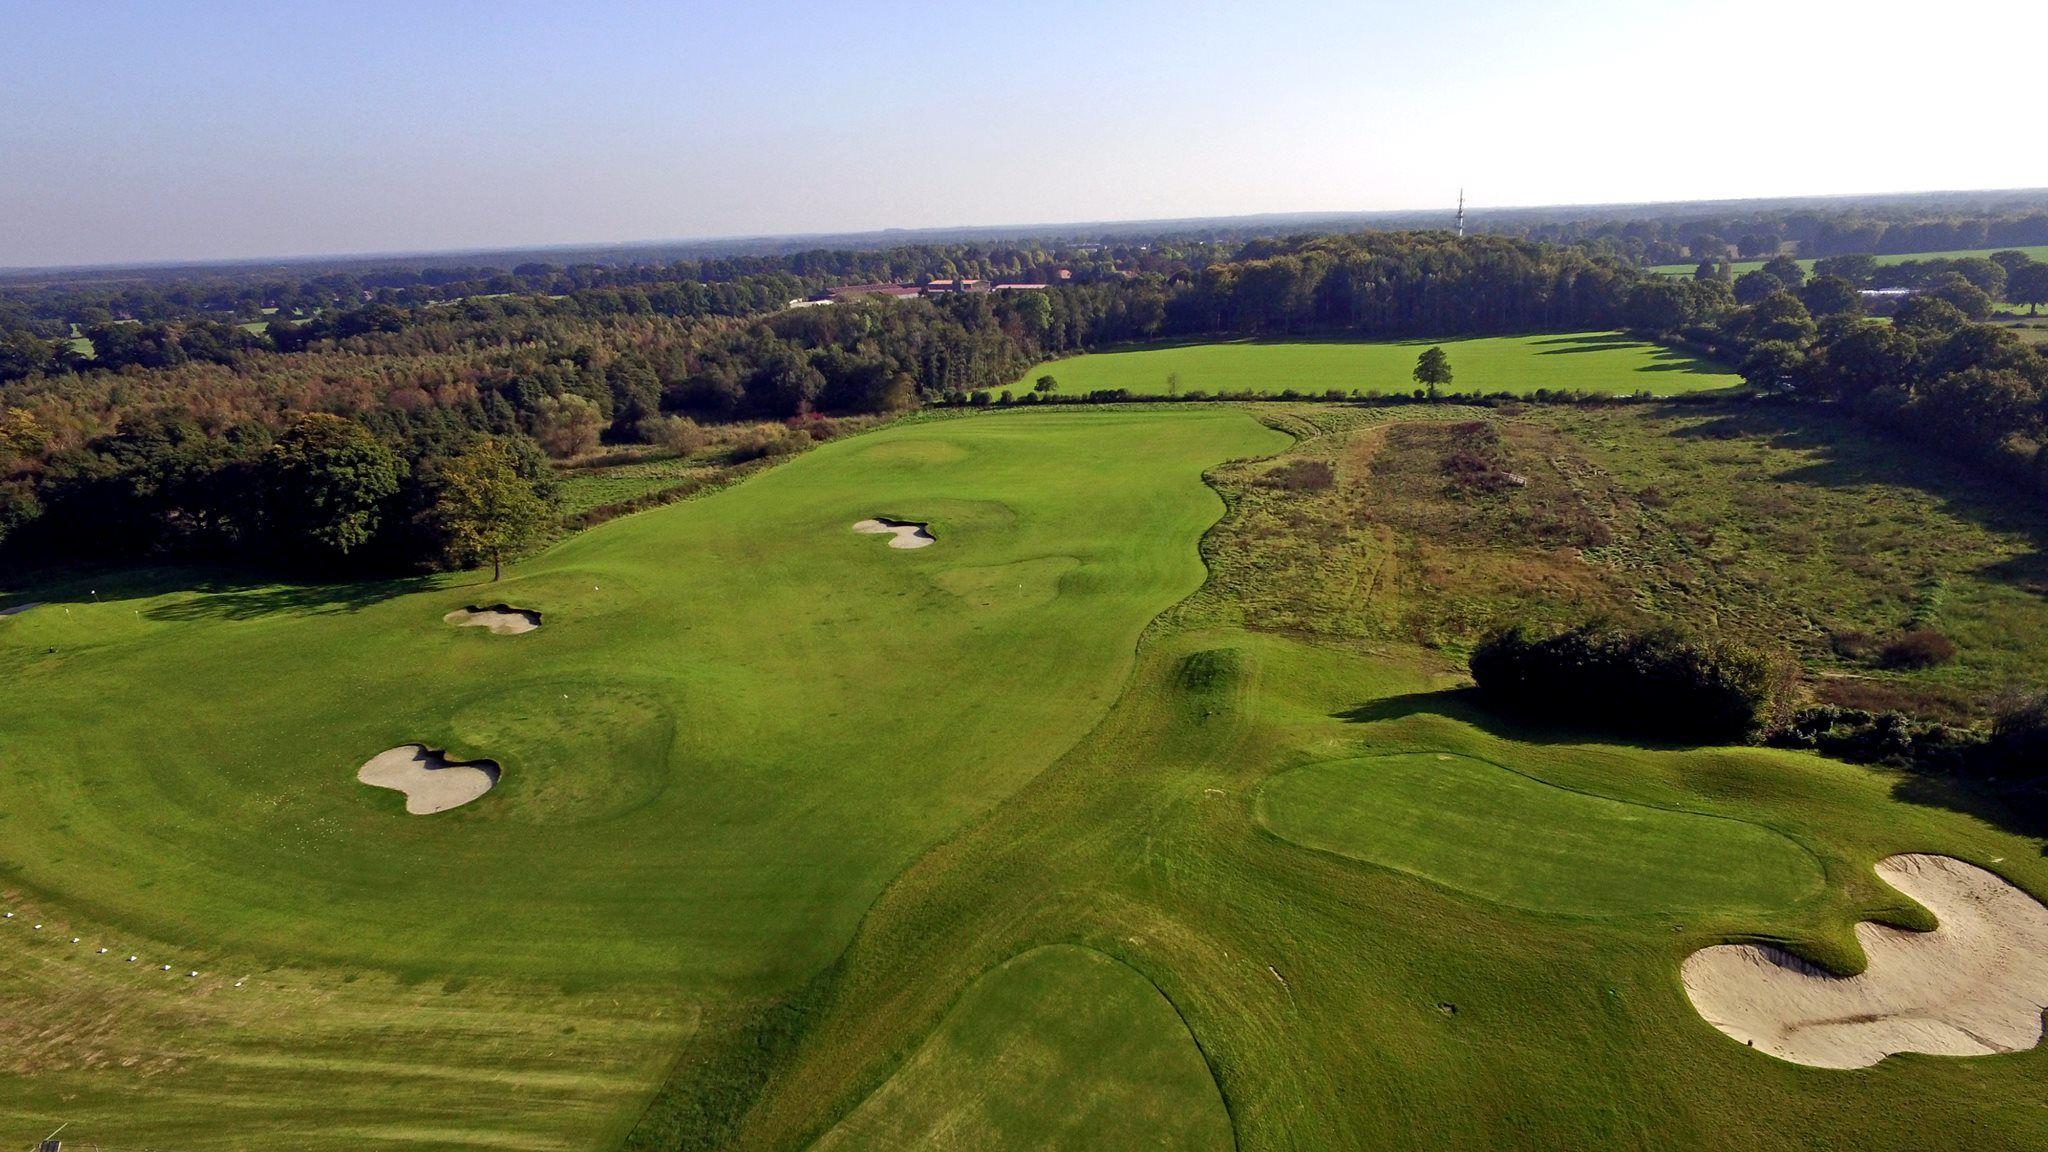 golfplatz hamburg